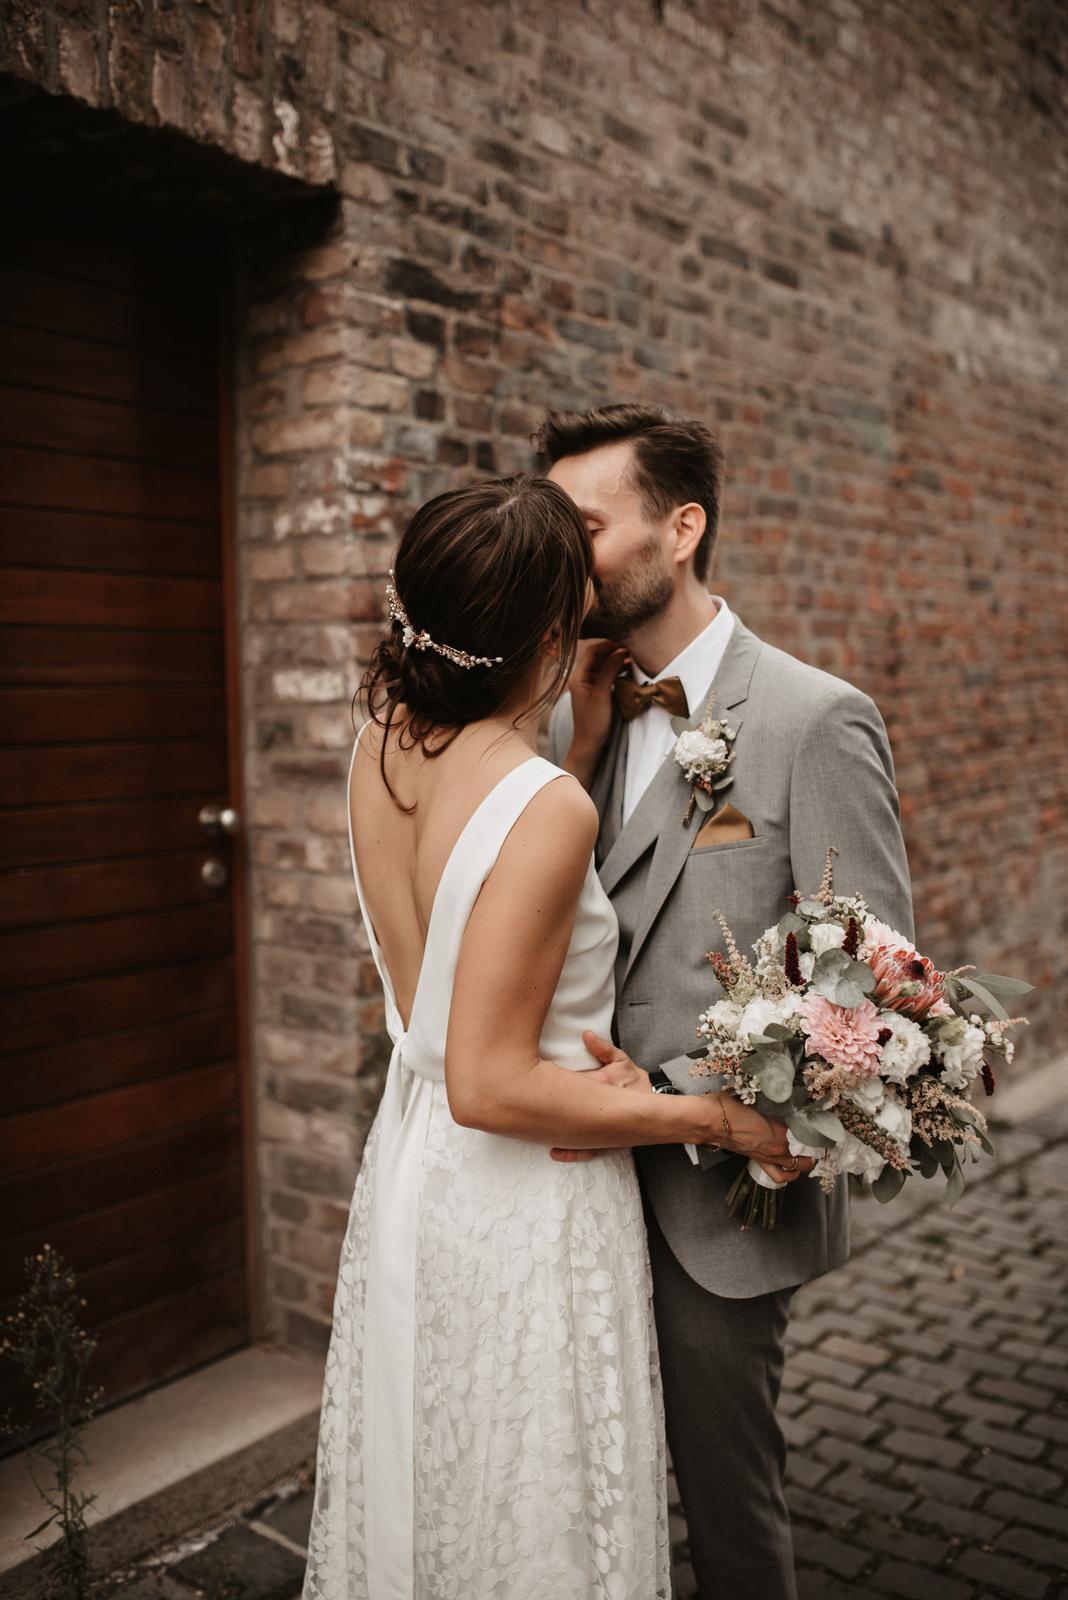 Brautpaar küssend, rückenfreies Brautkleid, Brautstrauss aus Trockenblumen mit Eukalyptus